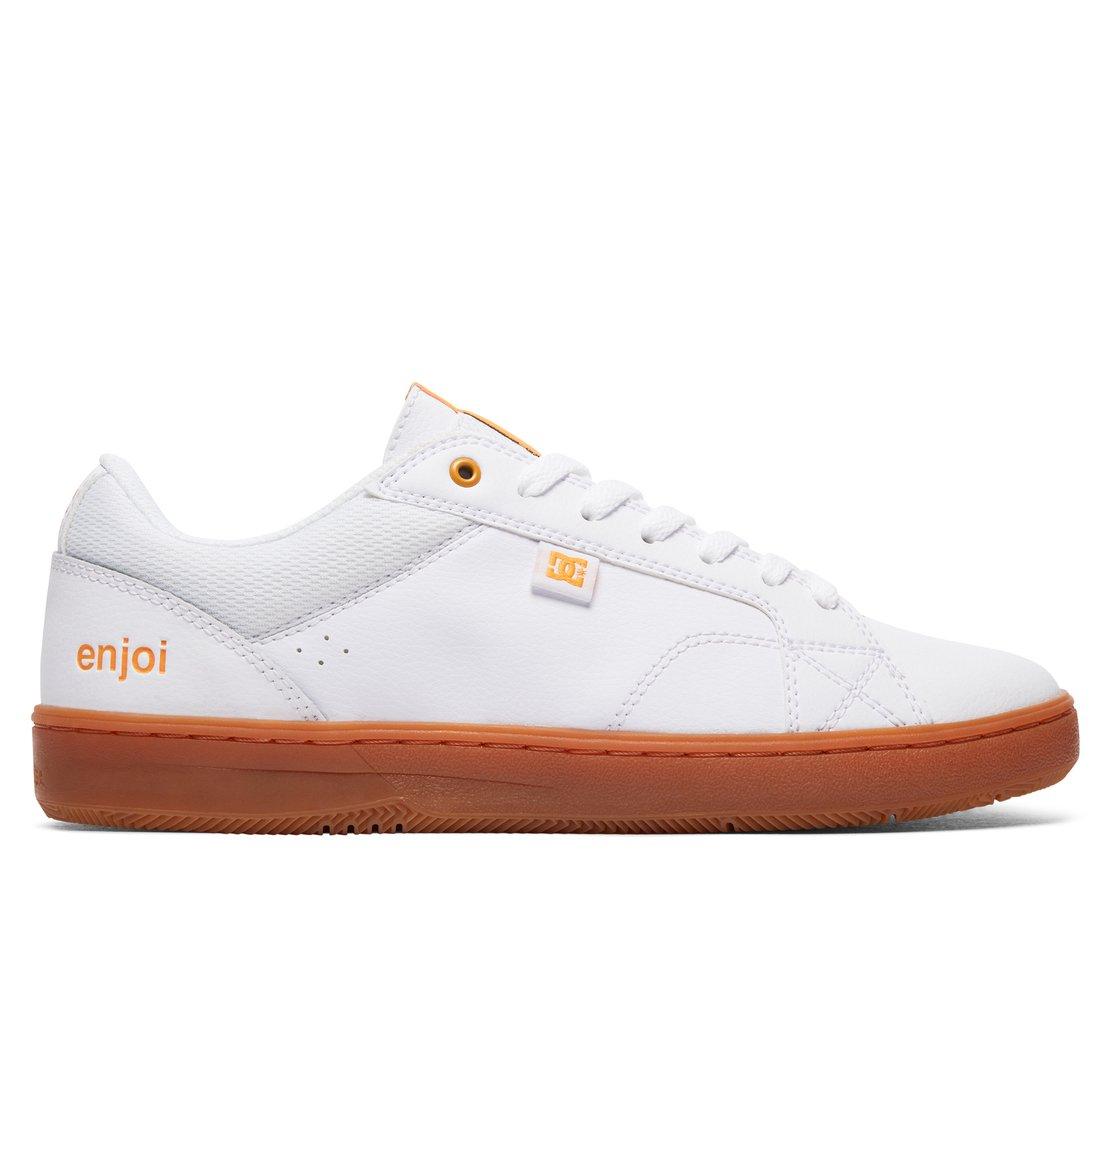 Astor Enjoi De S Pour X Homme Shoes Adys100398 Chaussures Dc Skate ZFx7rwZpq